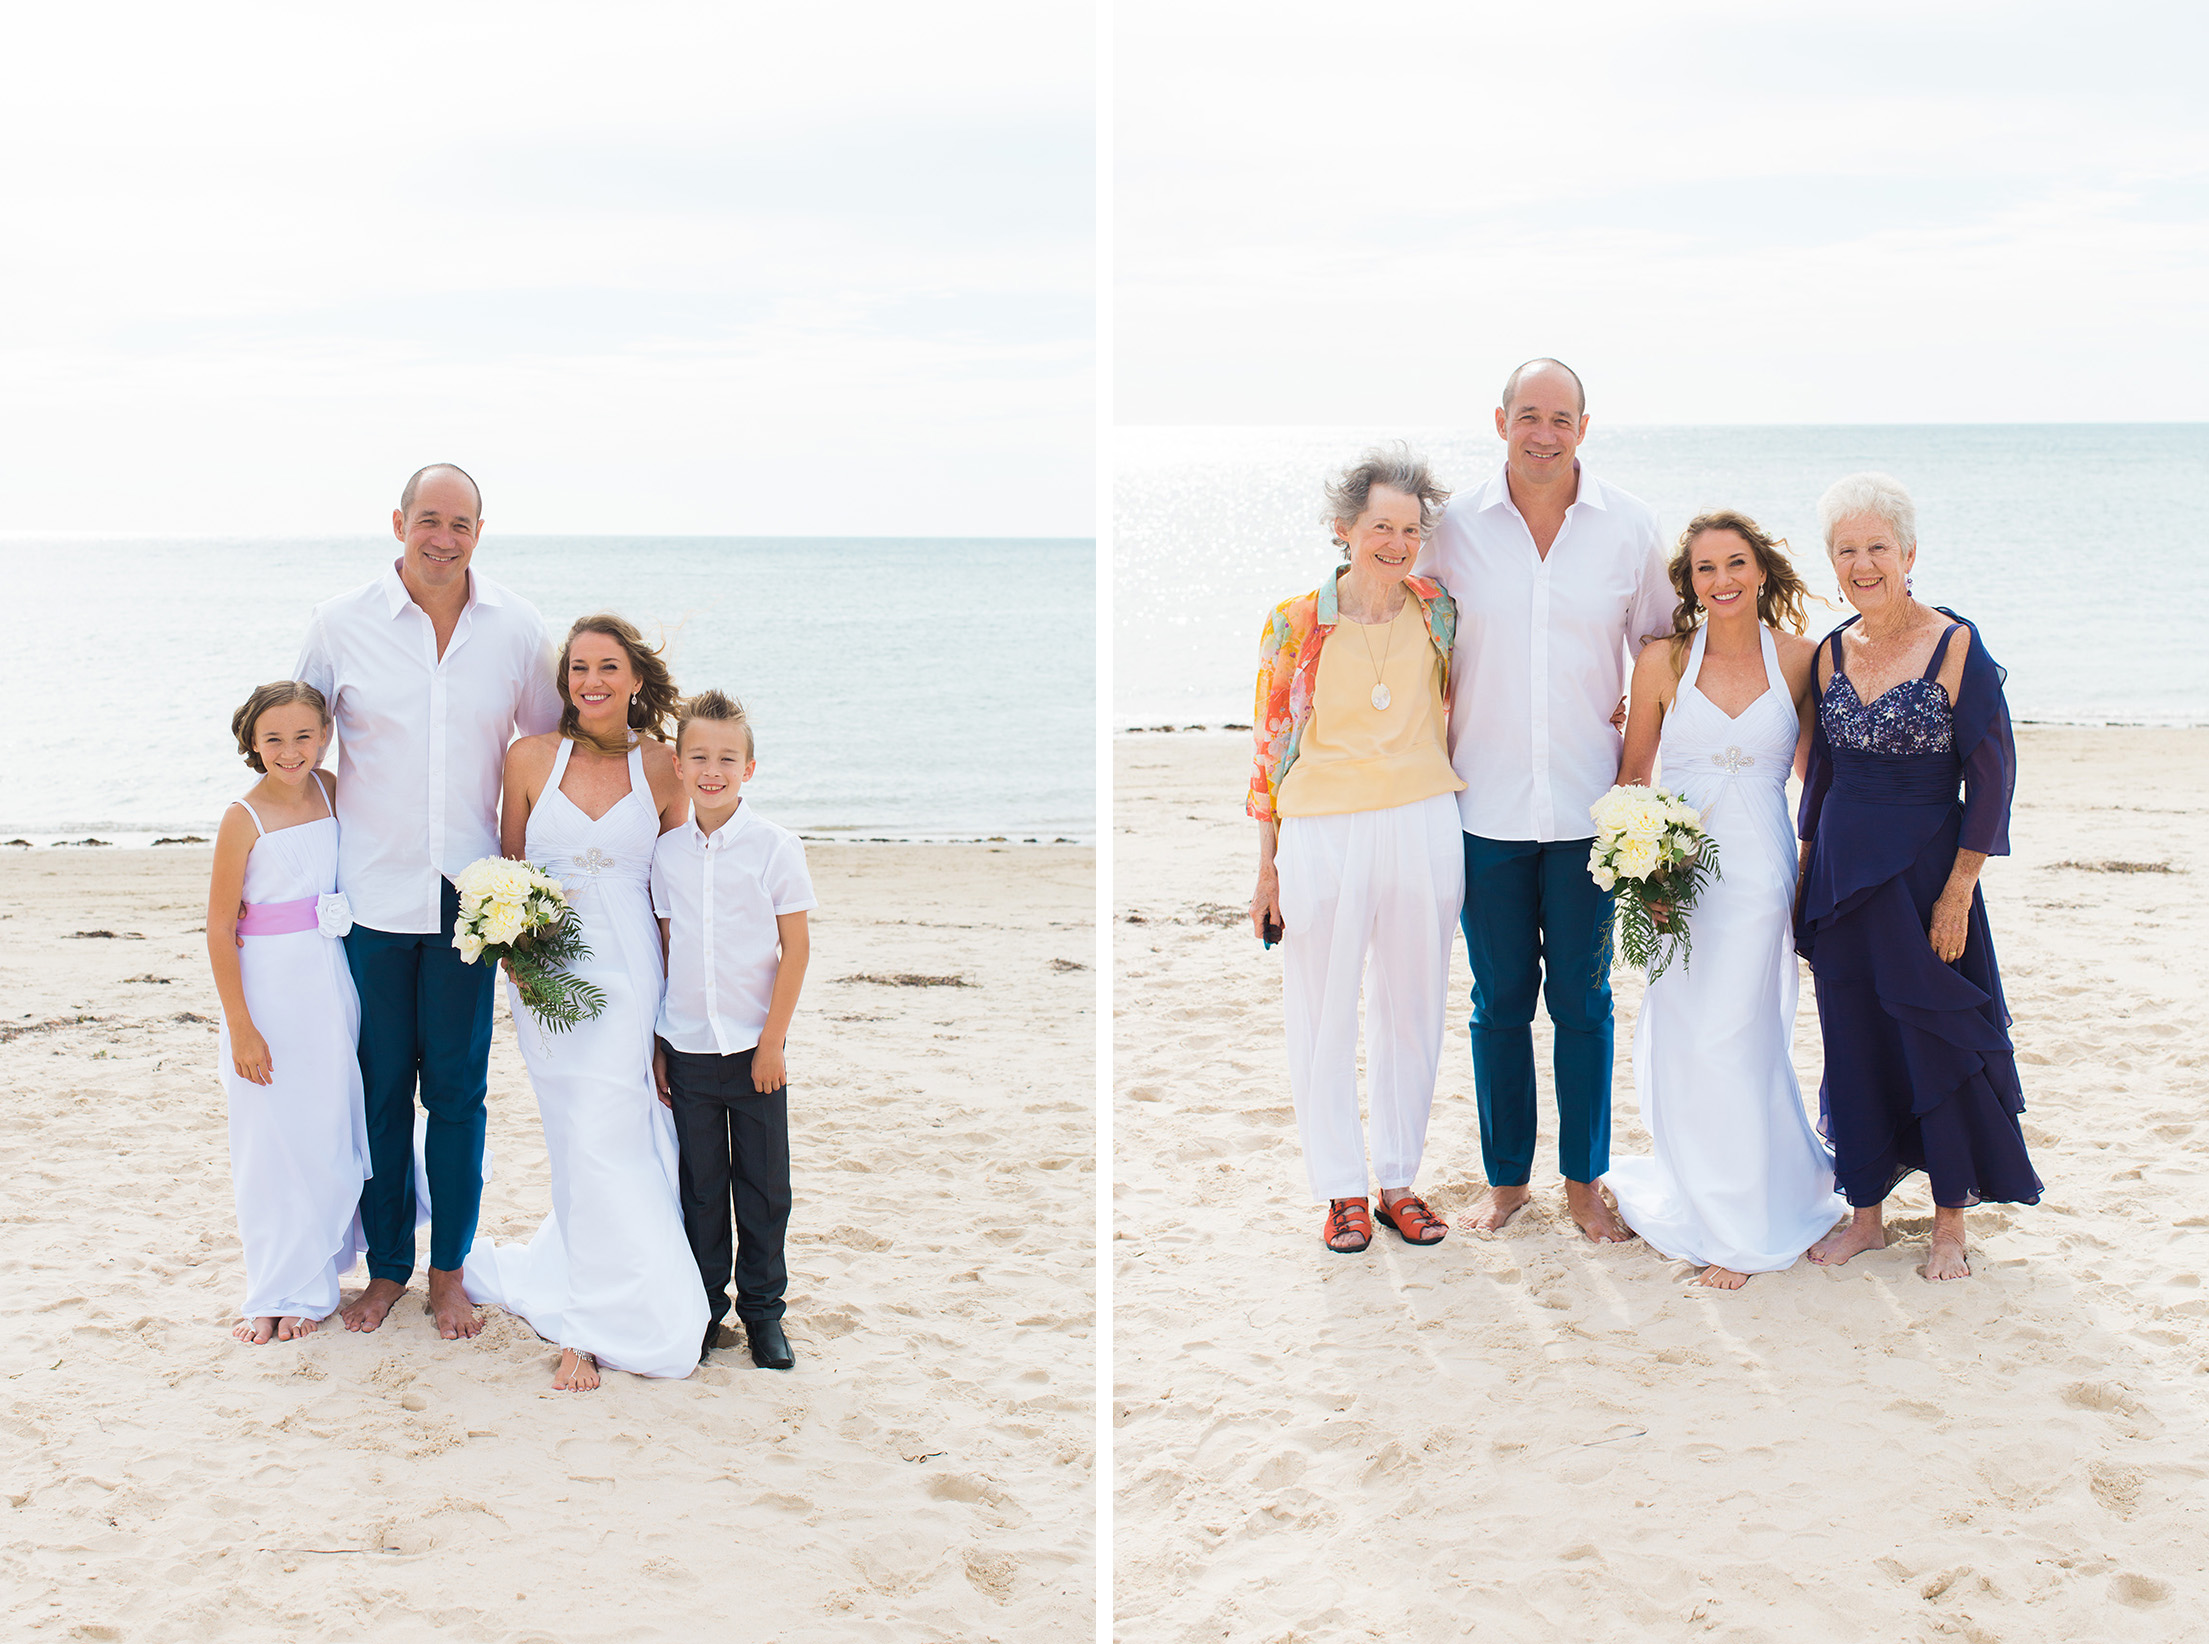 Seacliff Bohemian Beach Wedding 26.jpg